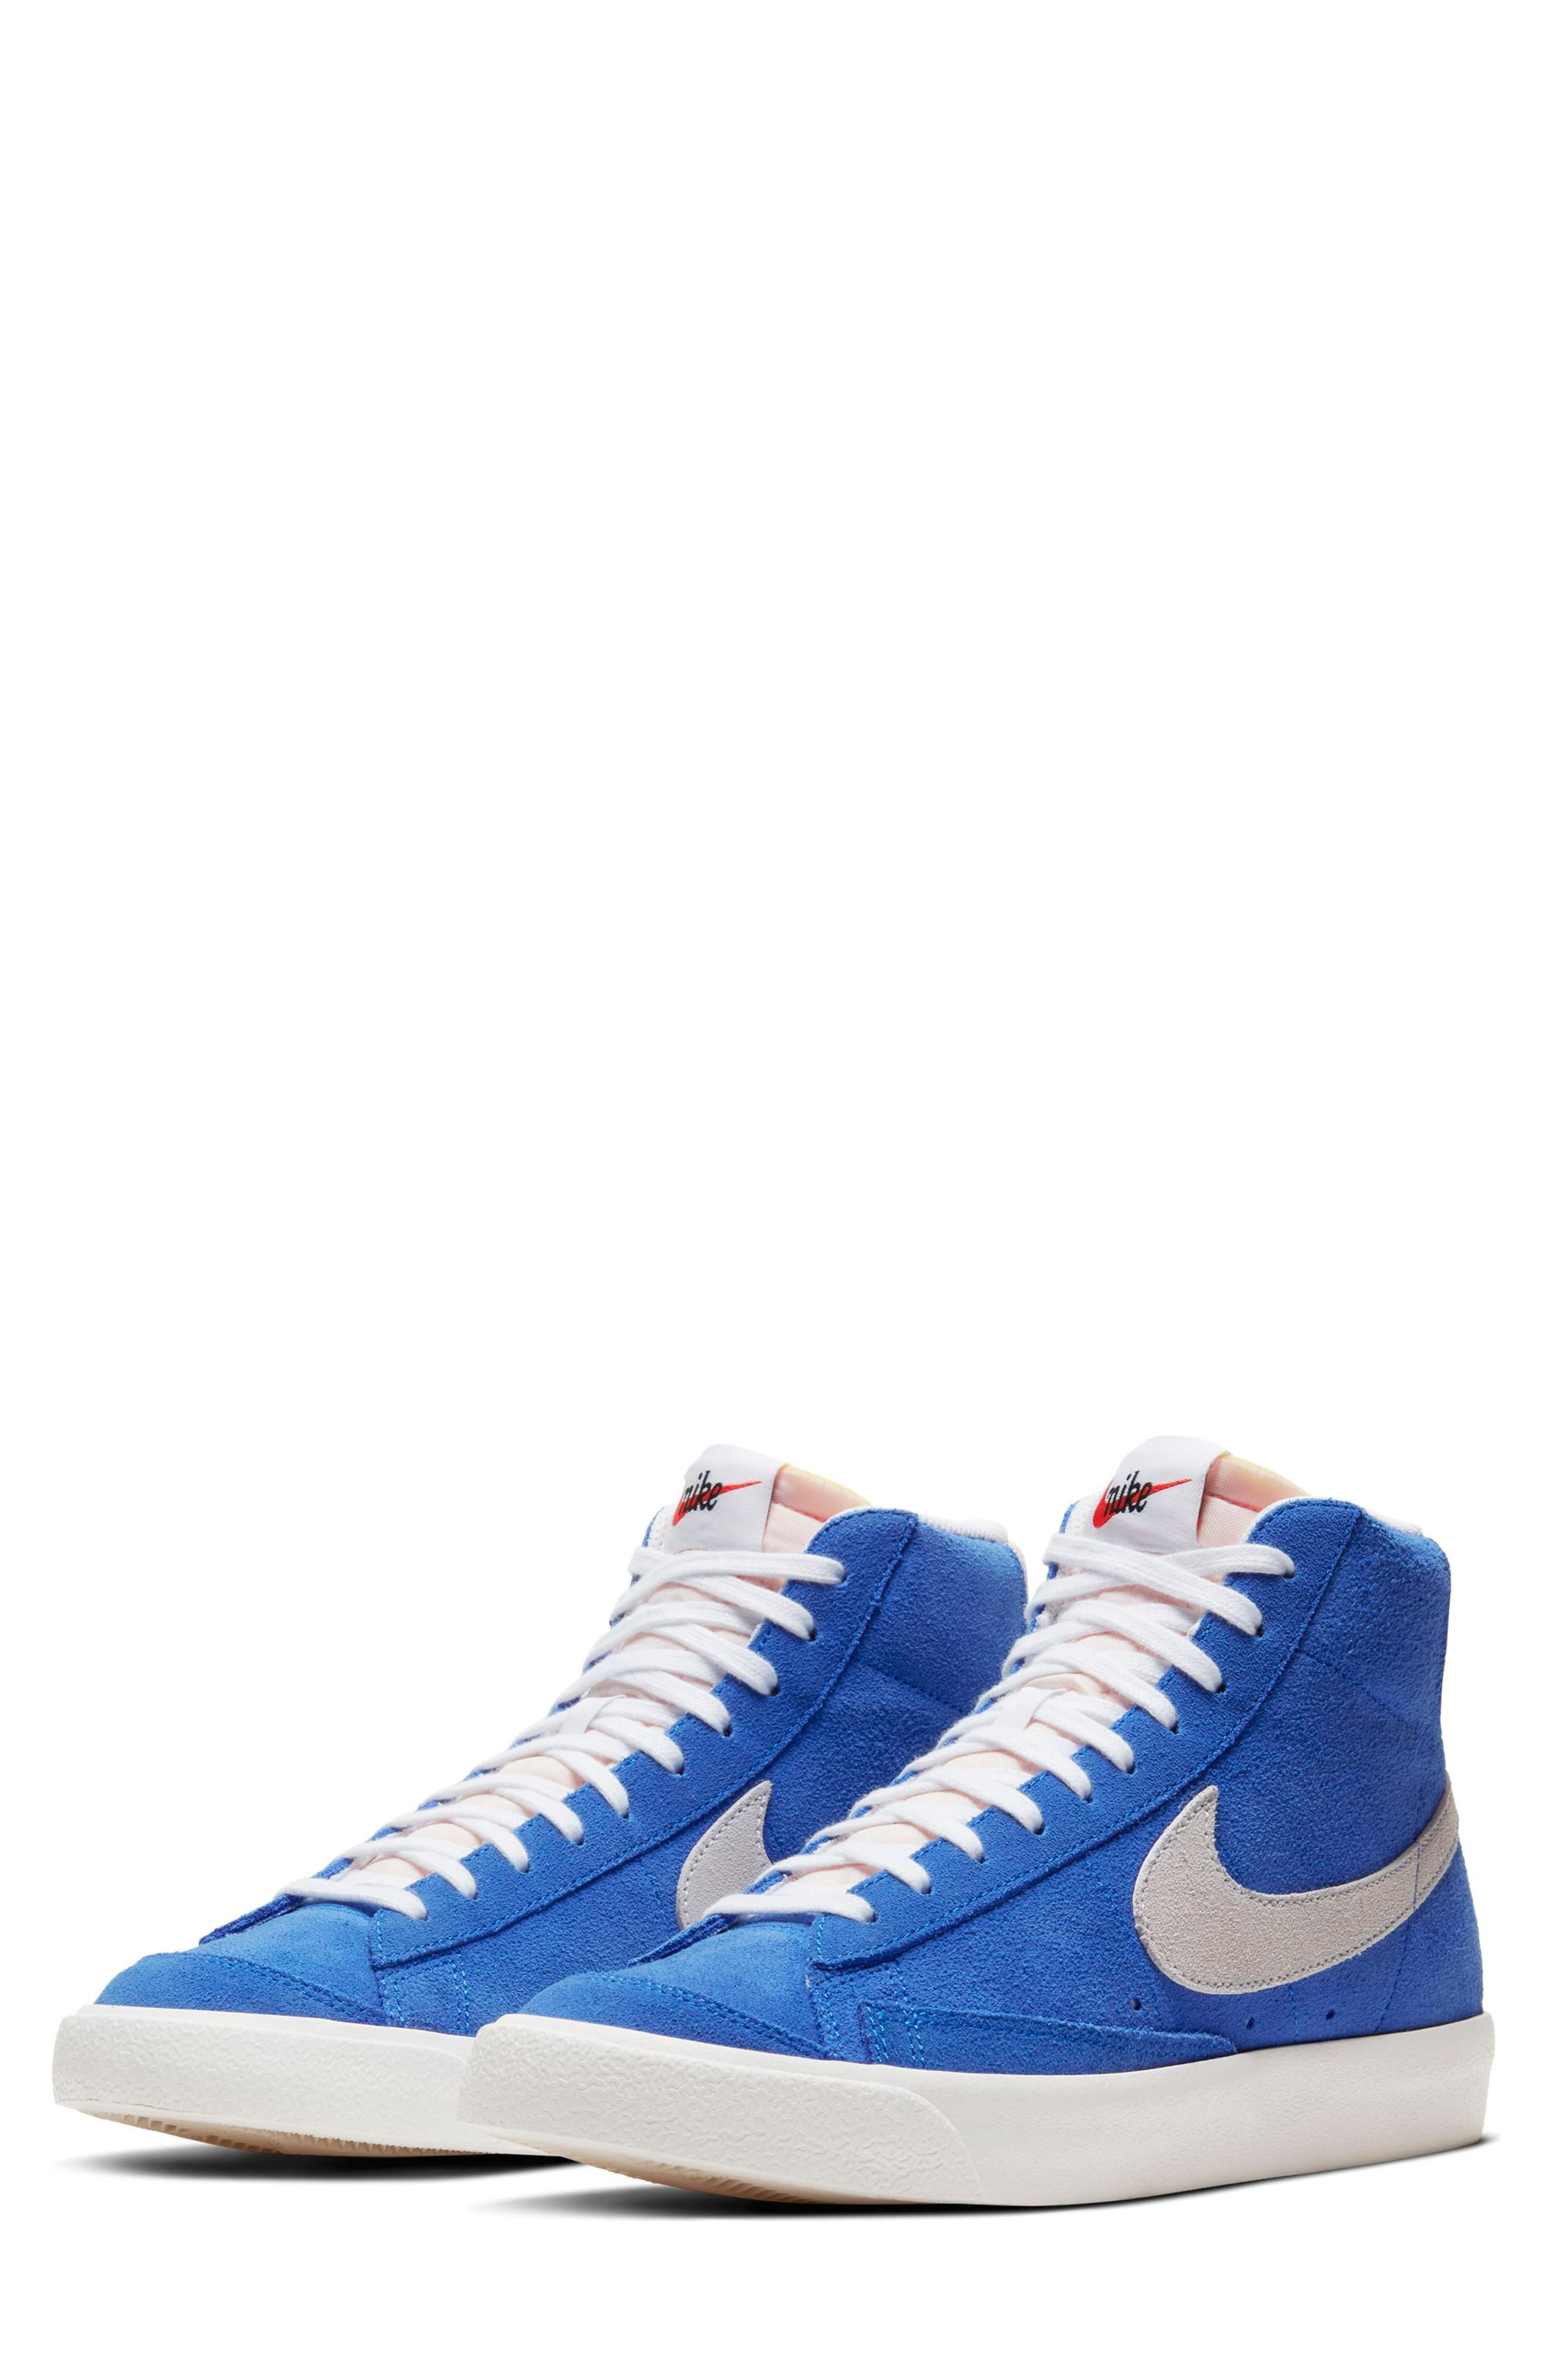 Nike Blazer Mid 77 Suede Sneaker, $100